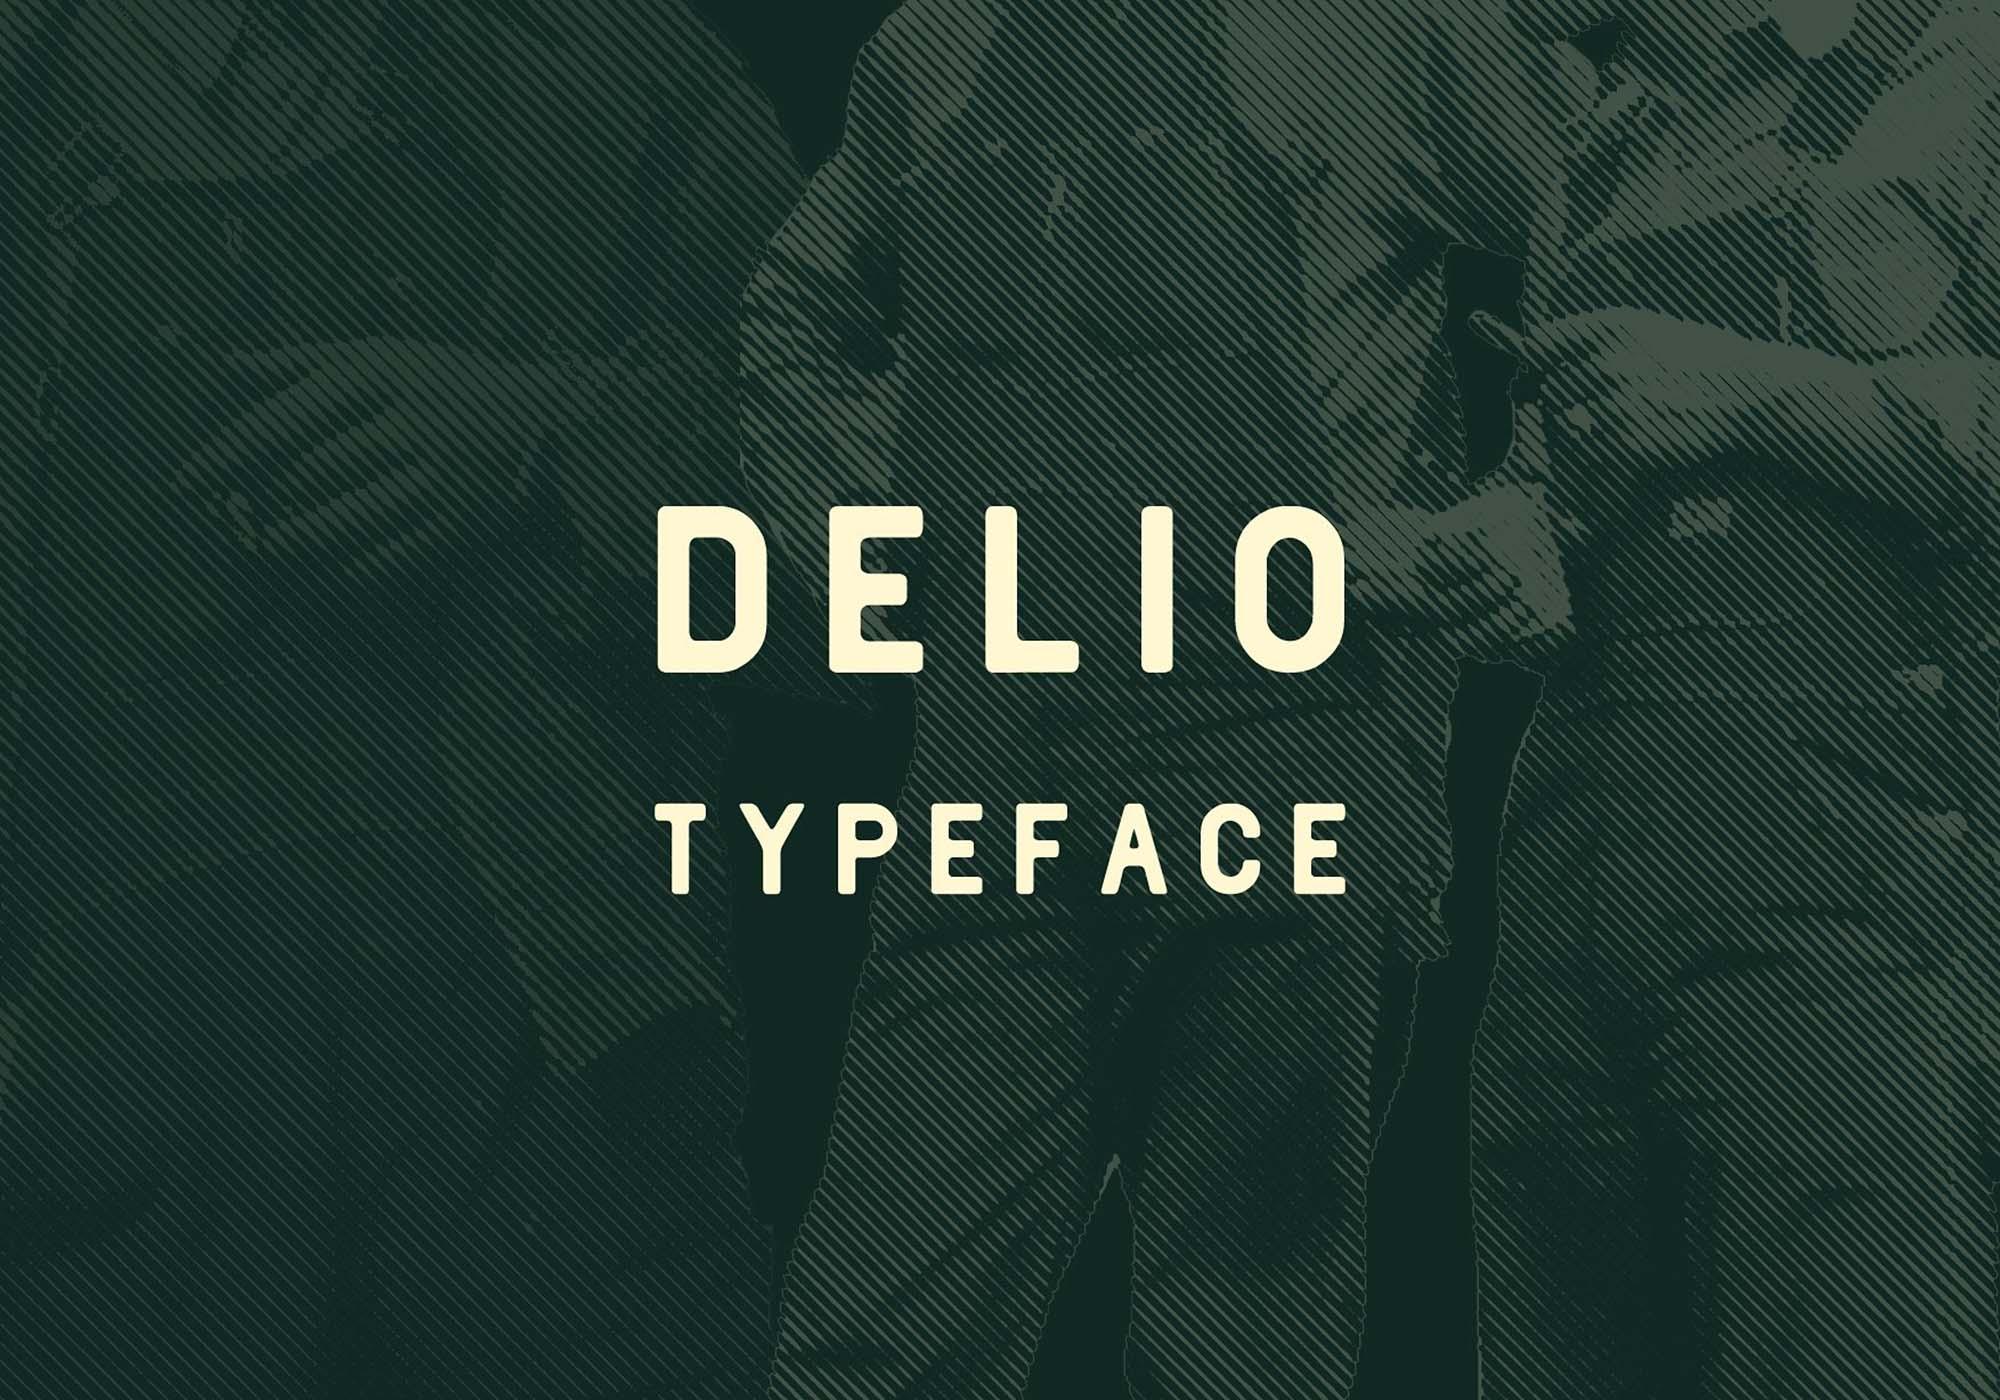 Delio Typeface